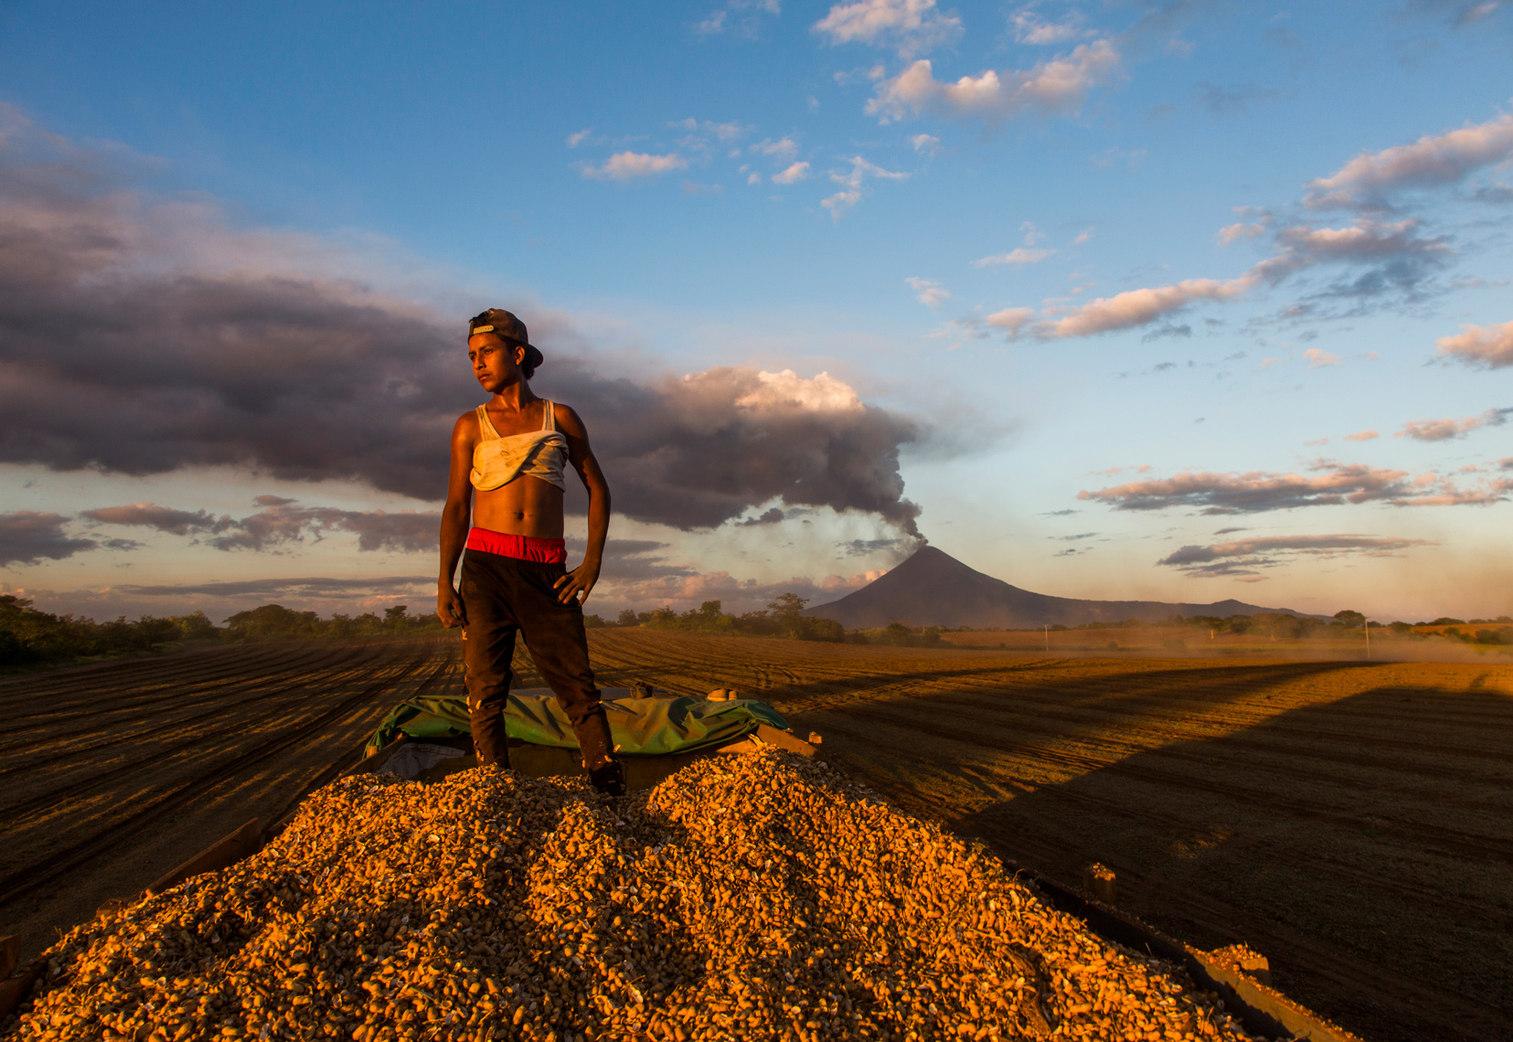 Peanut harvest. Nicaragua